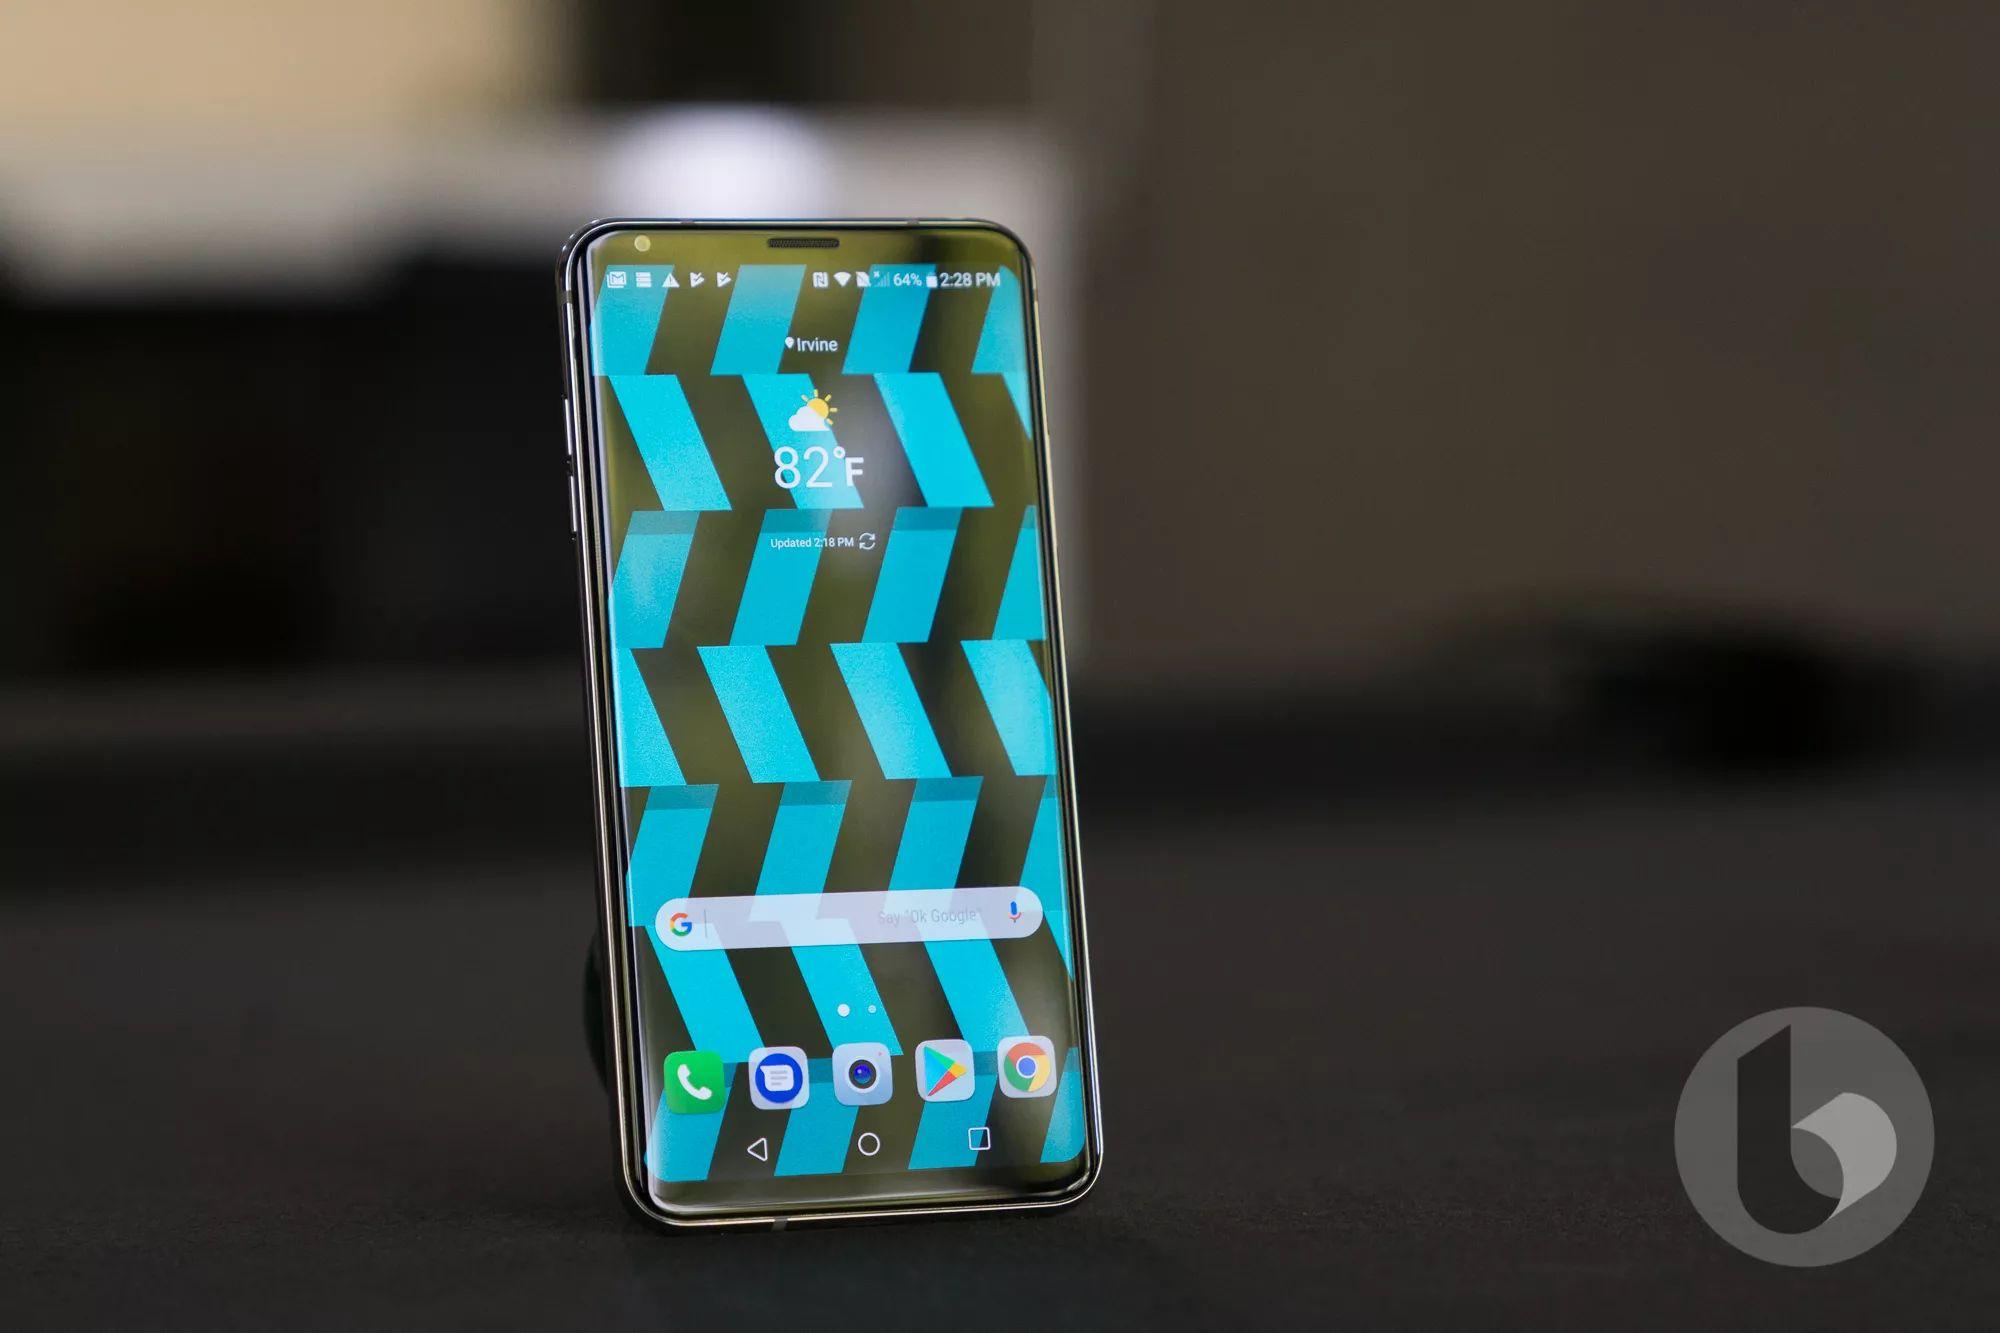 全面屏手机颜值排行榜揭晓:小米x倒数,手机mix竟不苹果酷控版图片